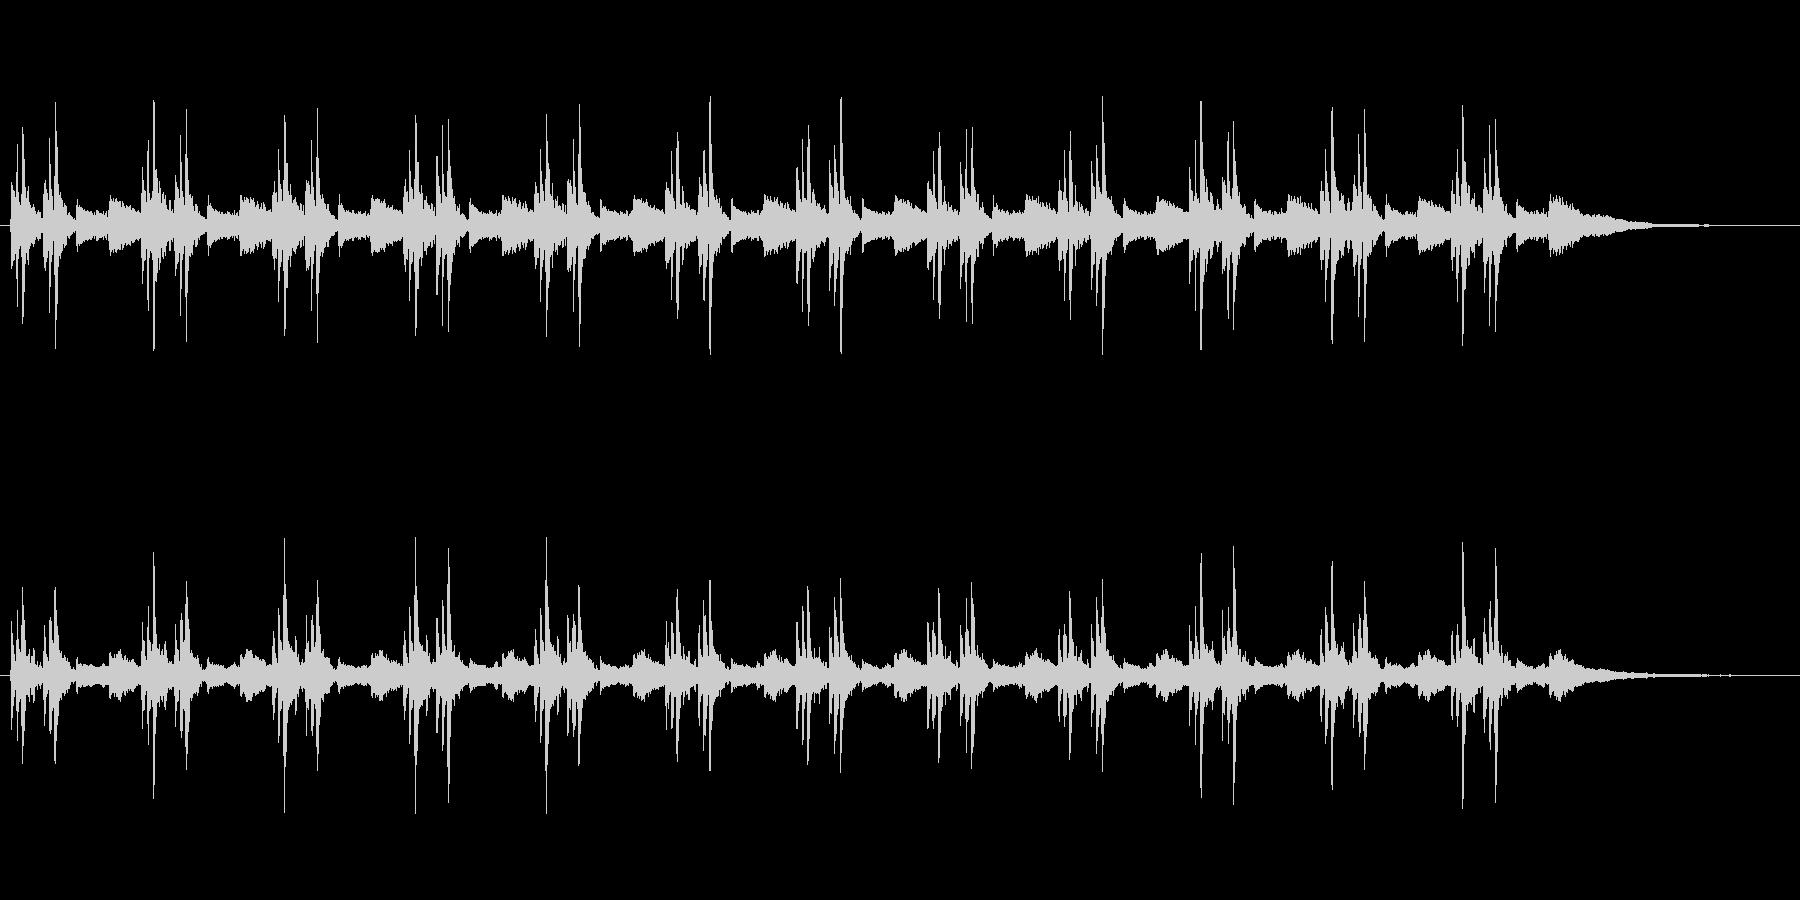 舞台転換ダークの未再生の波形